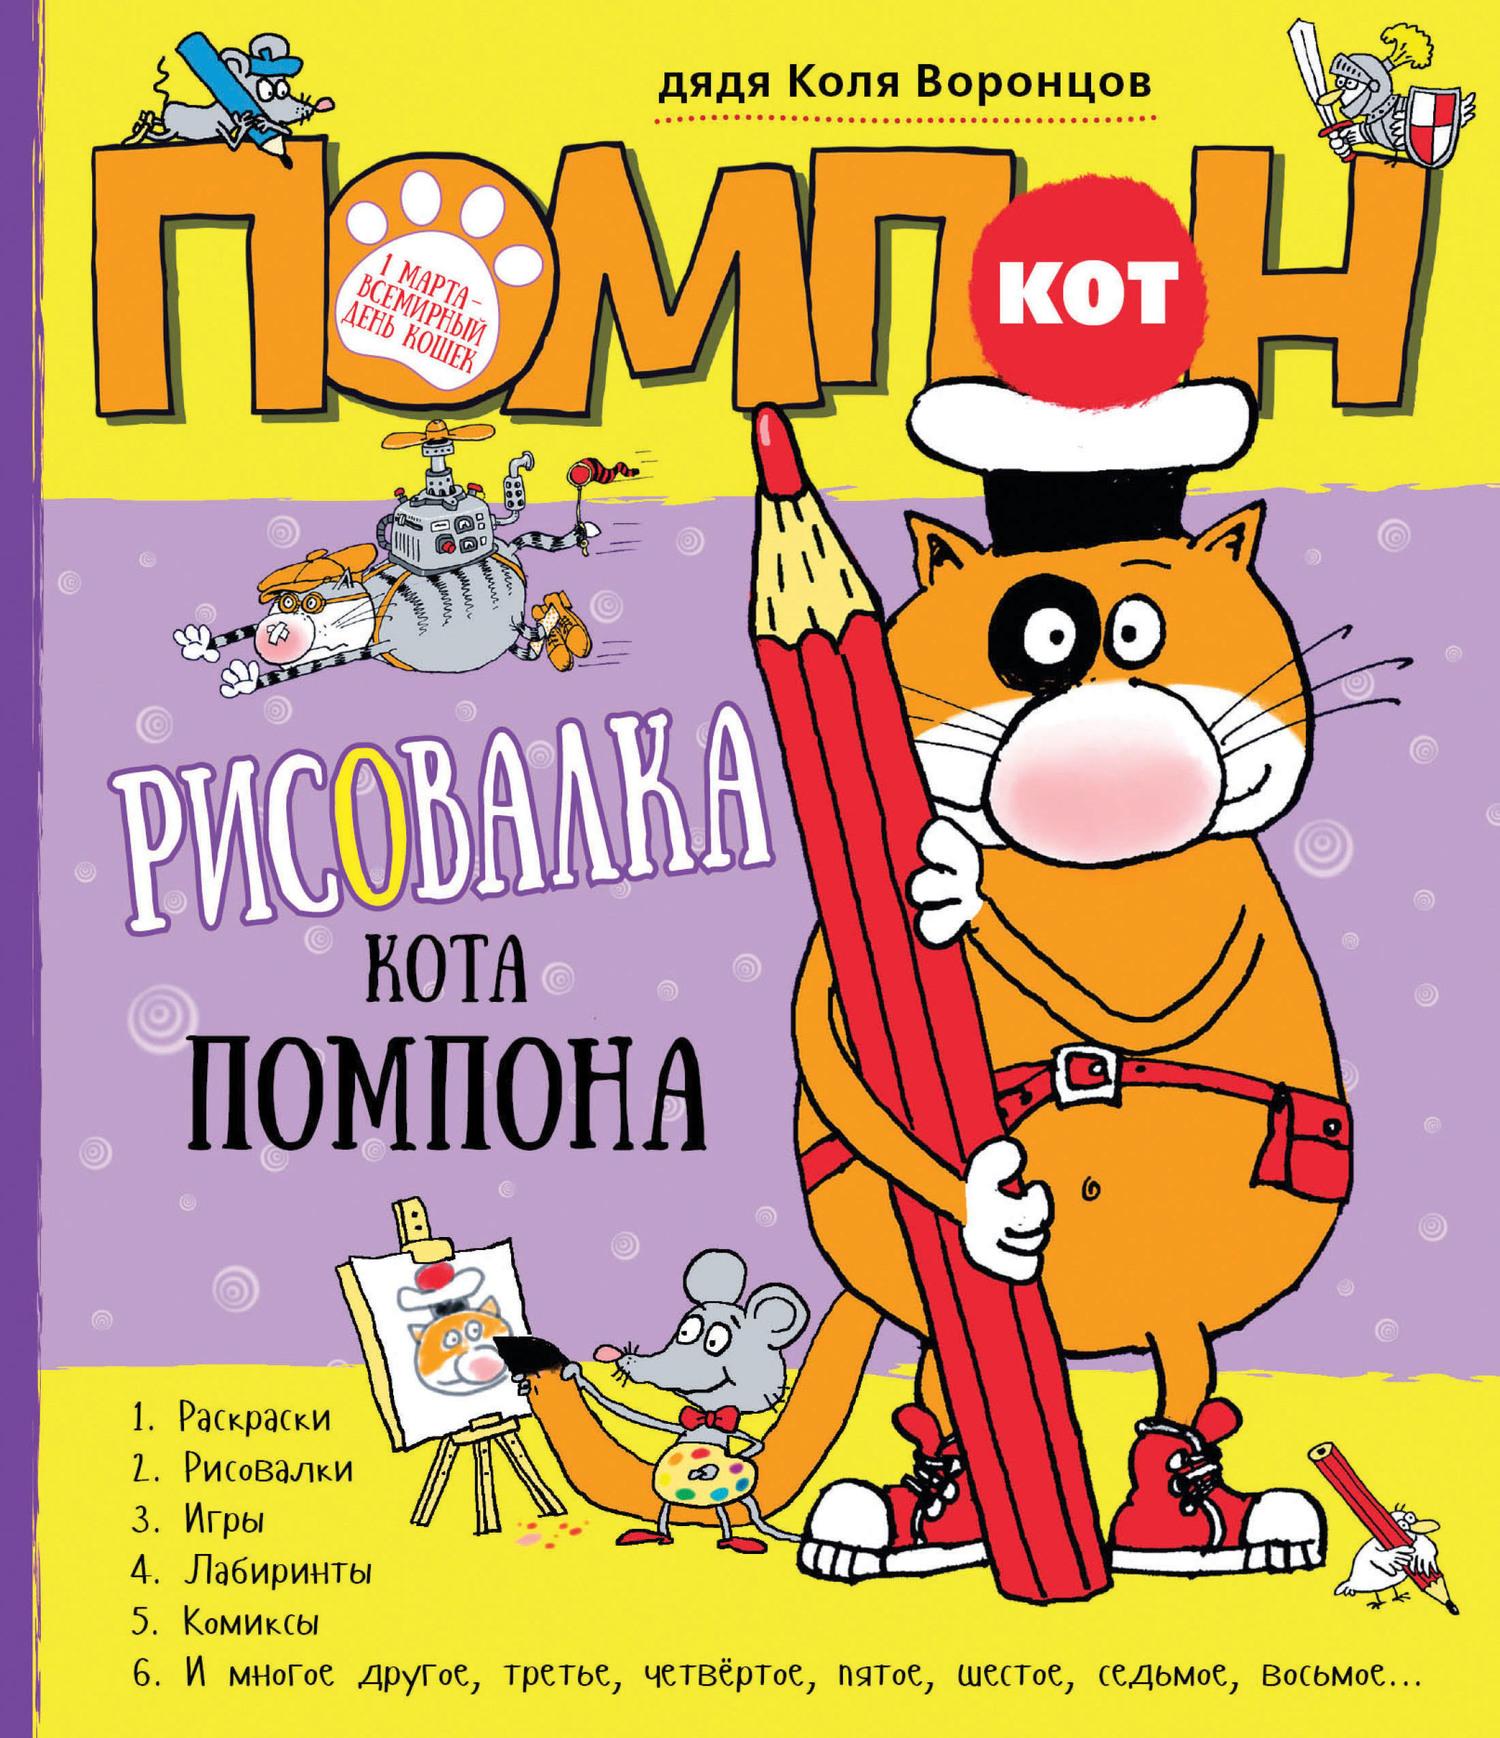 Николай Воронцов Кот Помпон. Рисовалка кота Помпона все цены